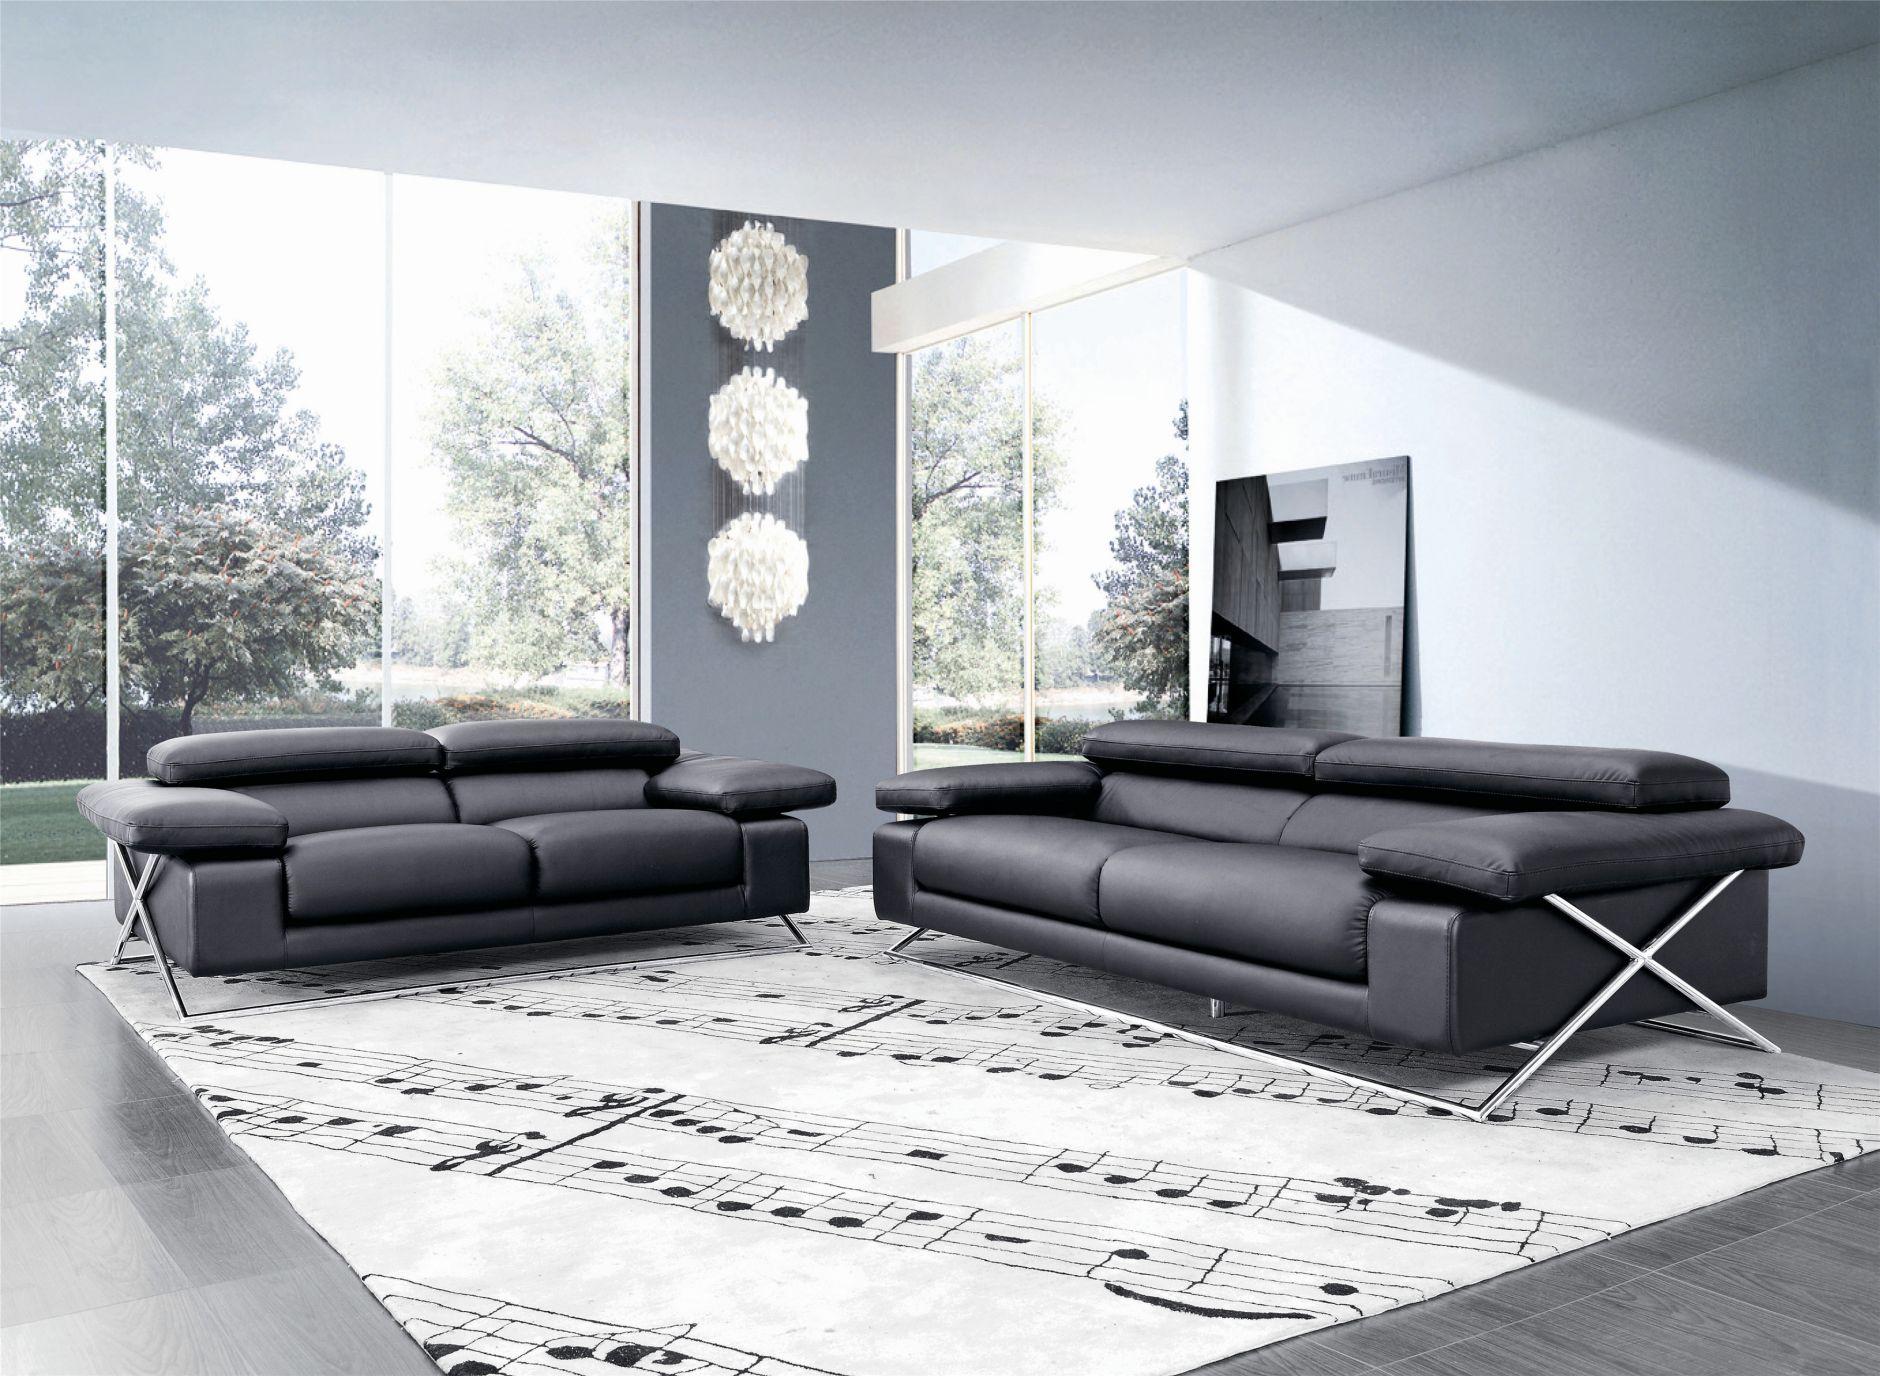 Polstermöbel - Sofas 513Die Möbel aus Italien